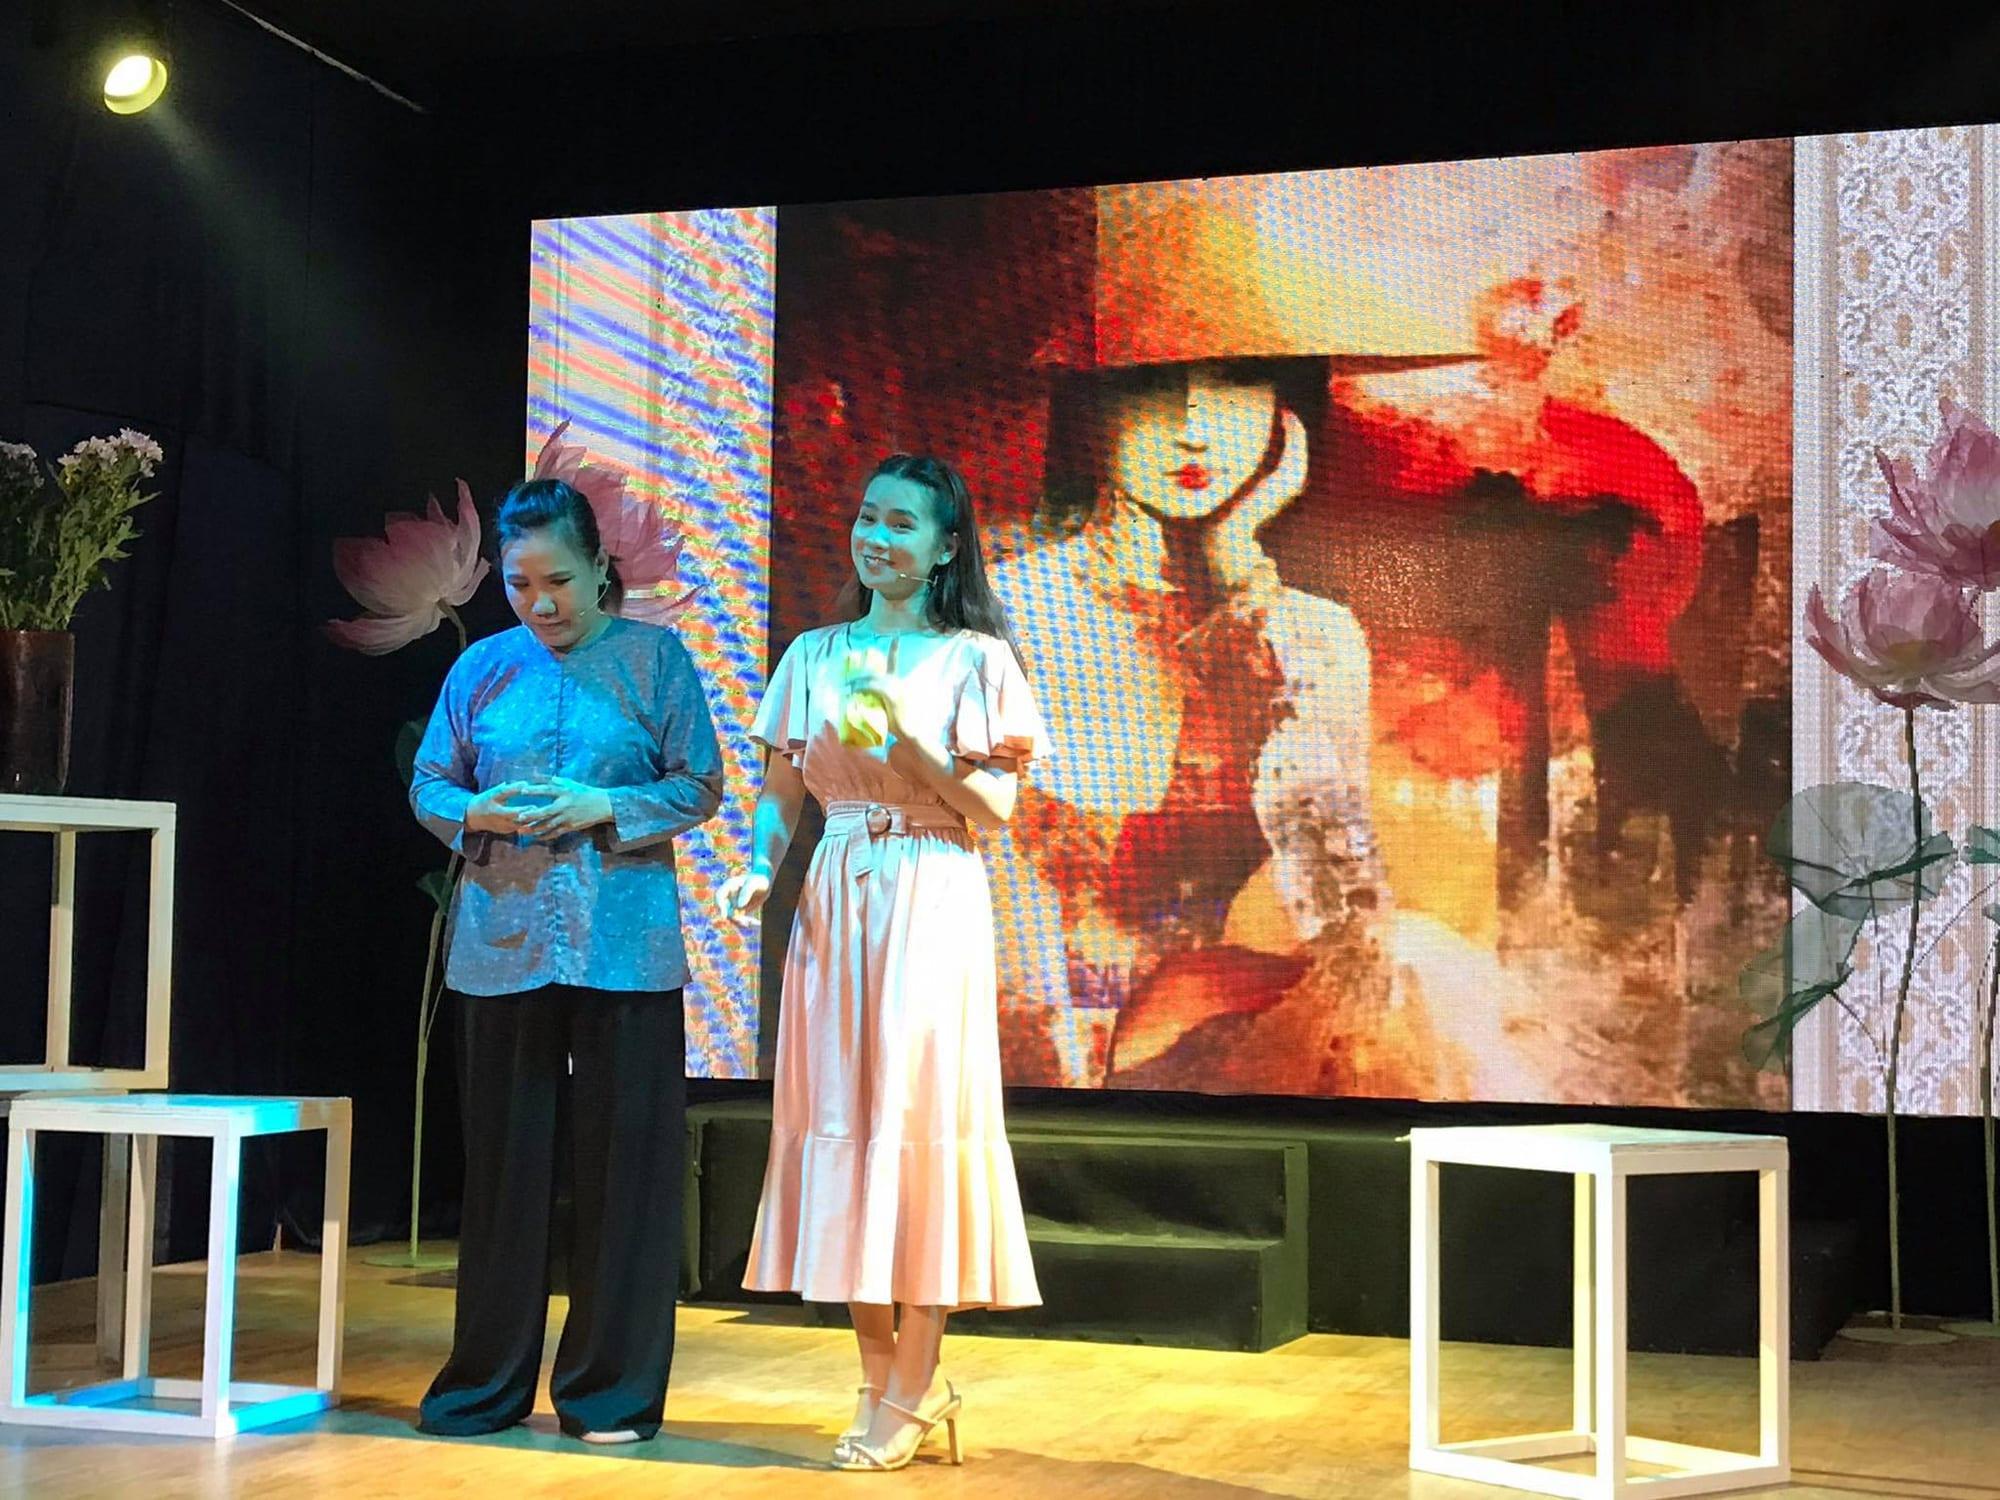 Án tình của sân khấu nhỏ Sen Việt, ba nghệ sĩ cuốn hút người xem - Ảnh 4.